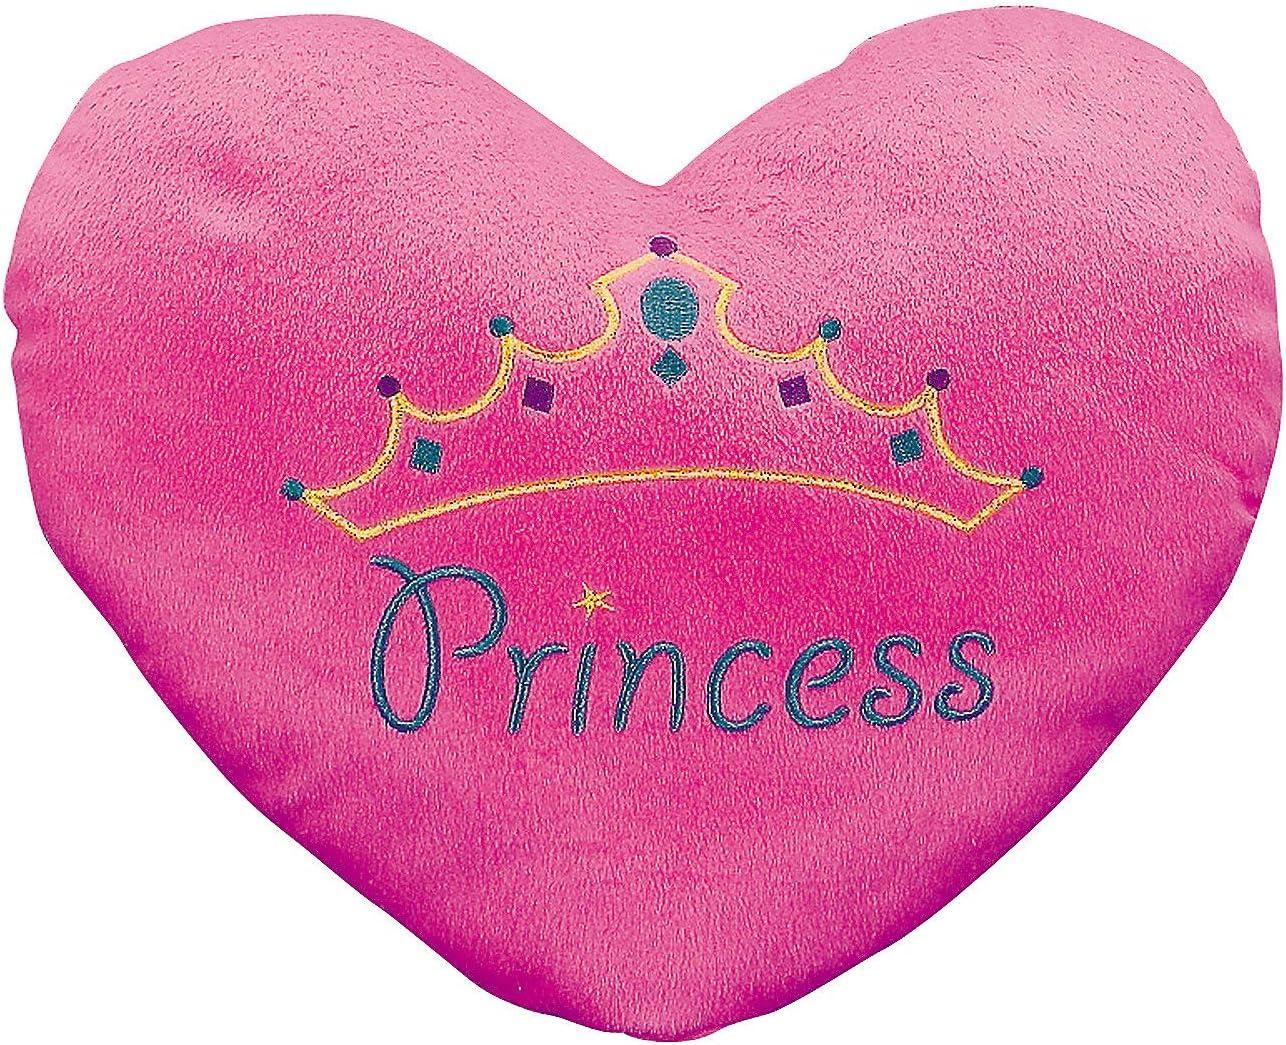 PLUSH PRINCESS HEART PILLOW - Toys - 1 Piece